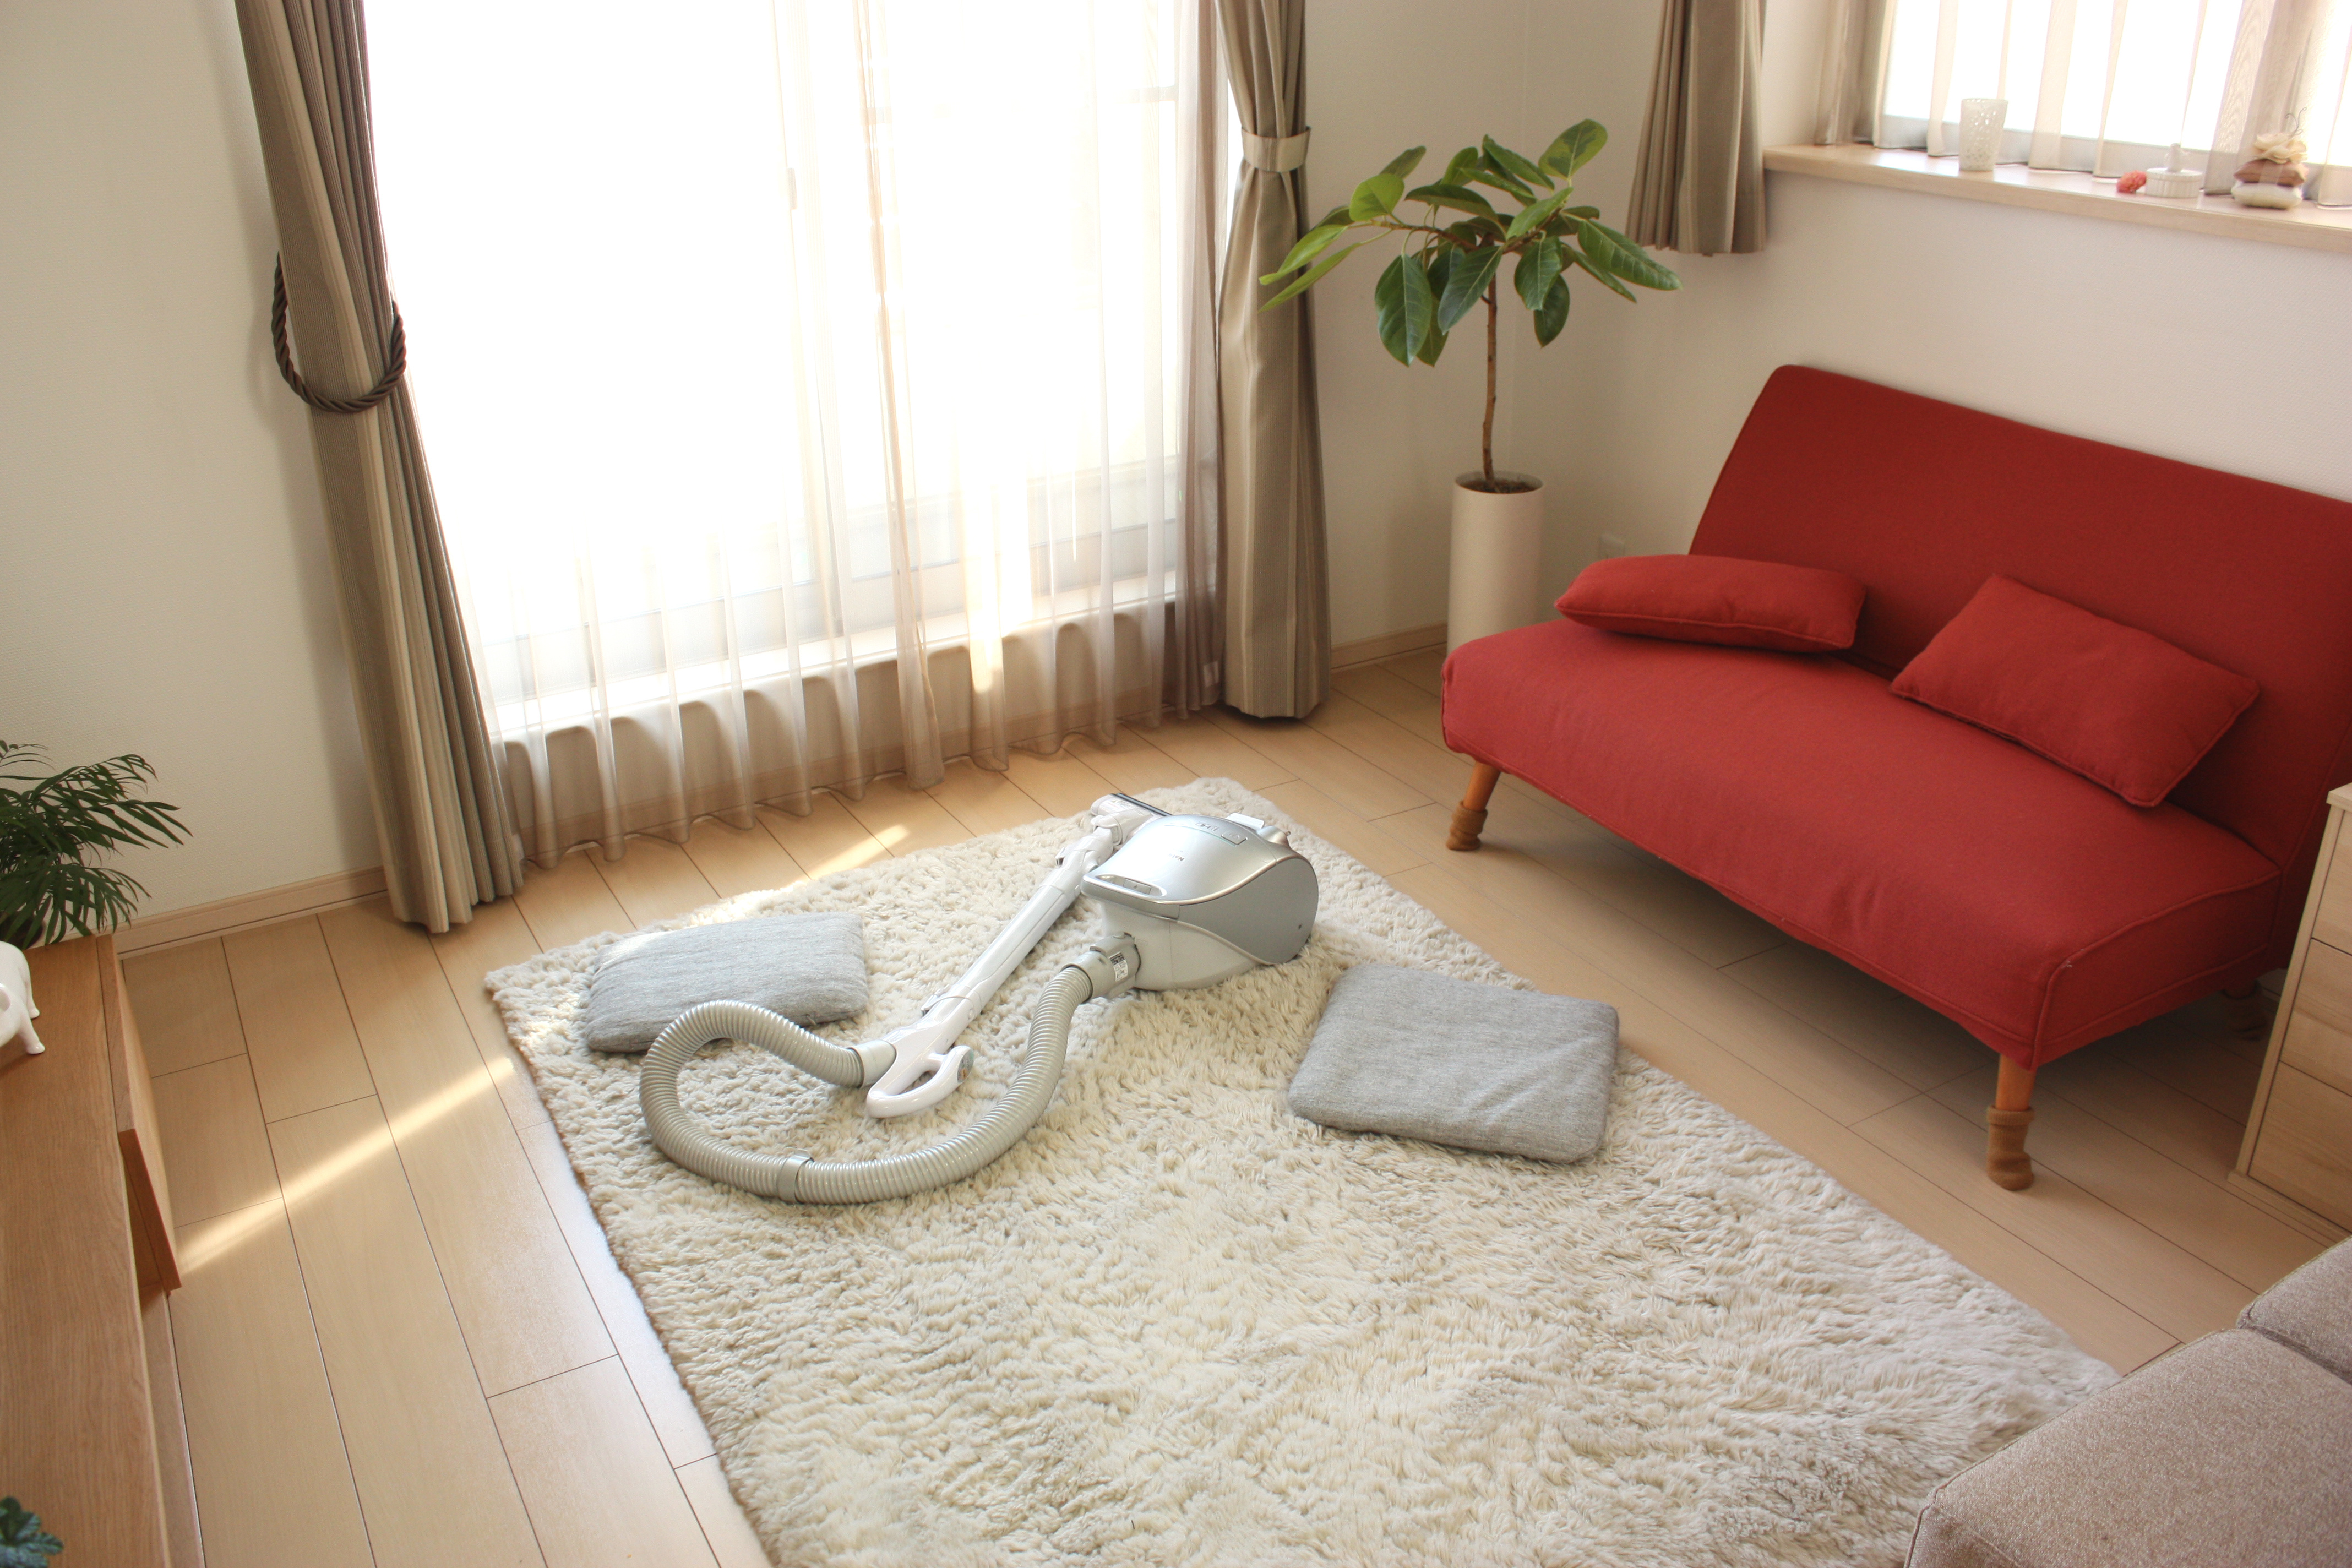 Comment laver correctement un tapis shaggy